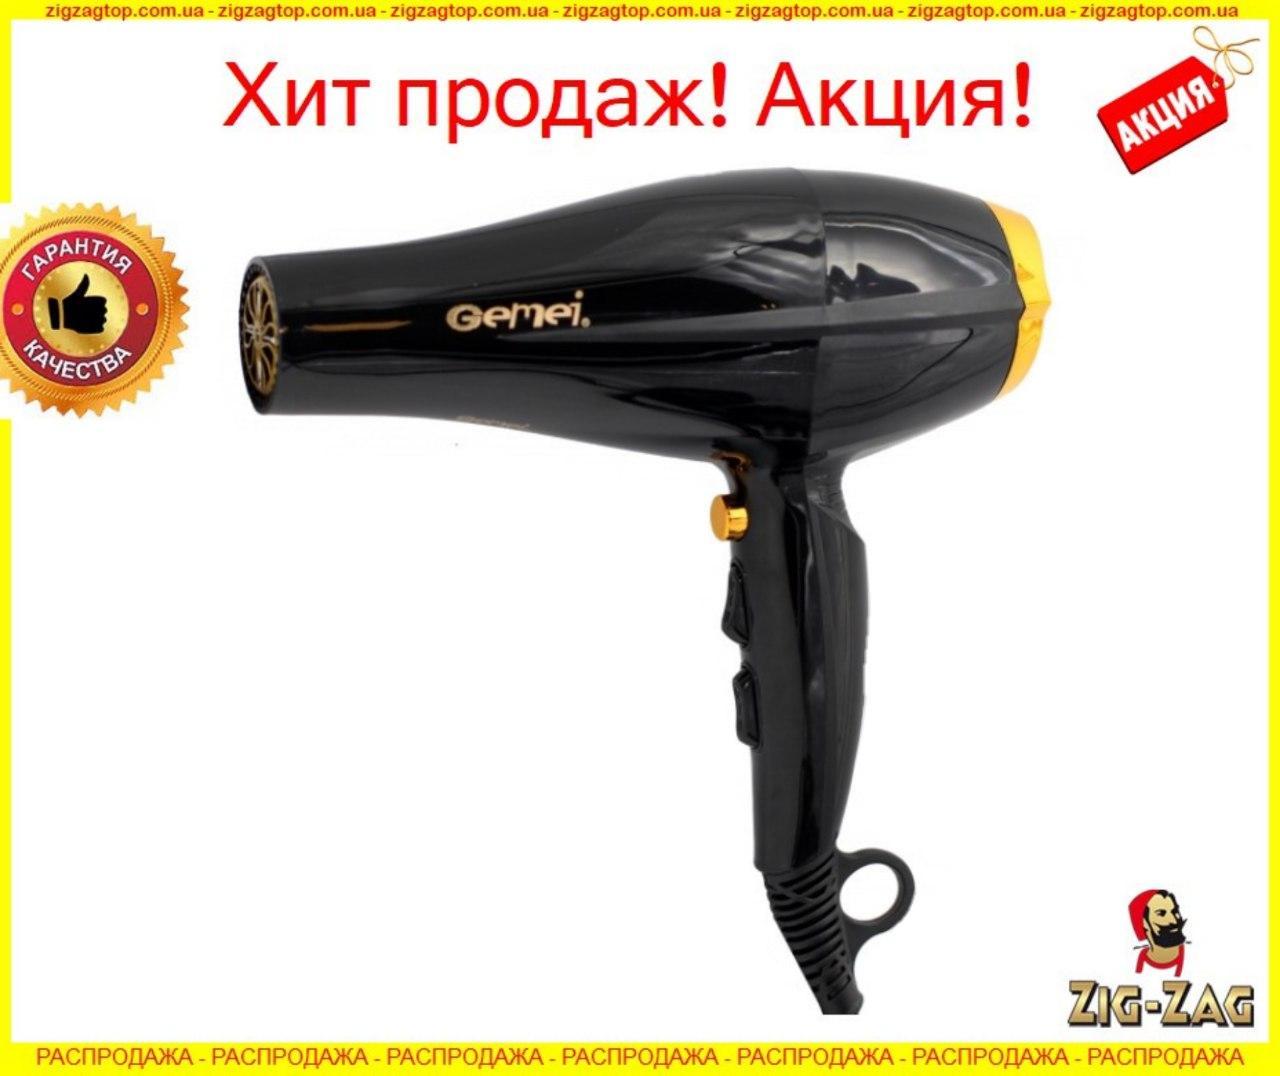 Професійний Фен для волосся Gemei GM-1780 Потужний фен режимів 3 для сушки і укладання волосся 2 насадки 2400 Вт